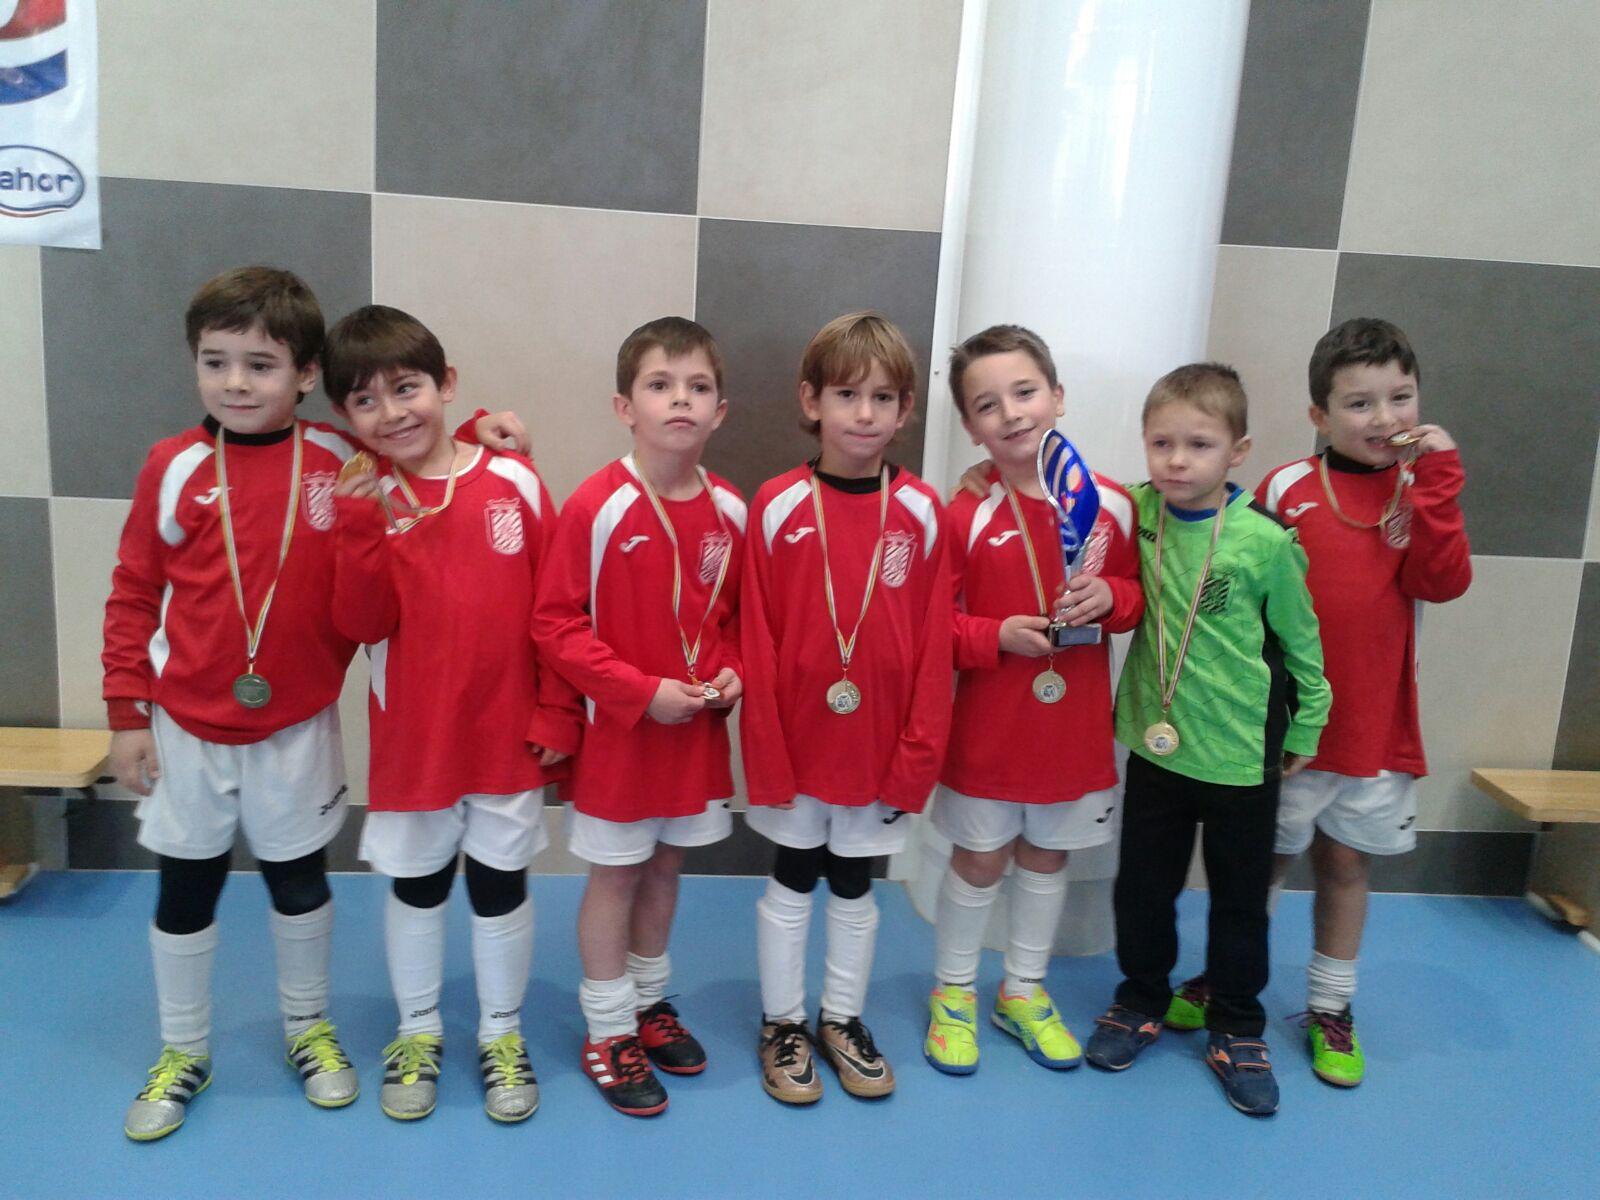 2010-en-torneo-p-montal-8-1-16